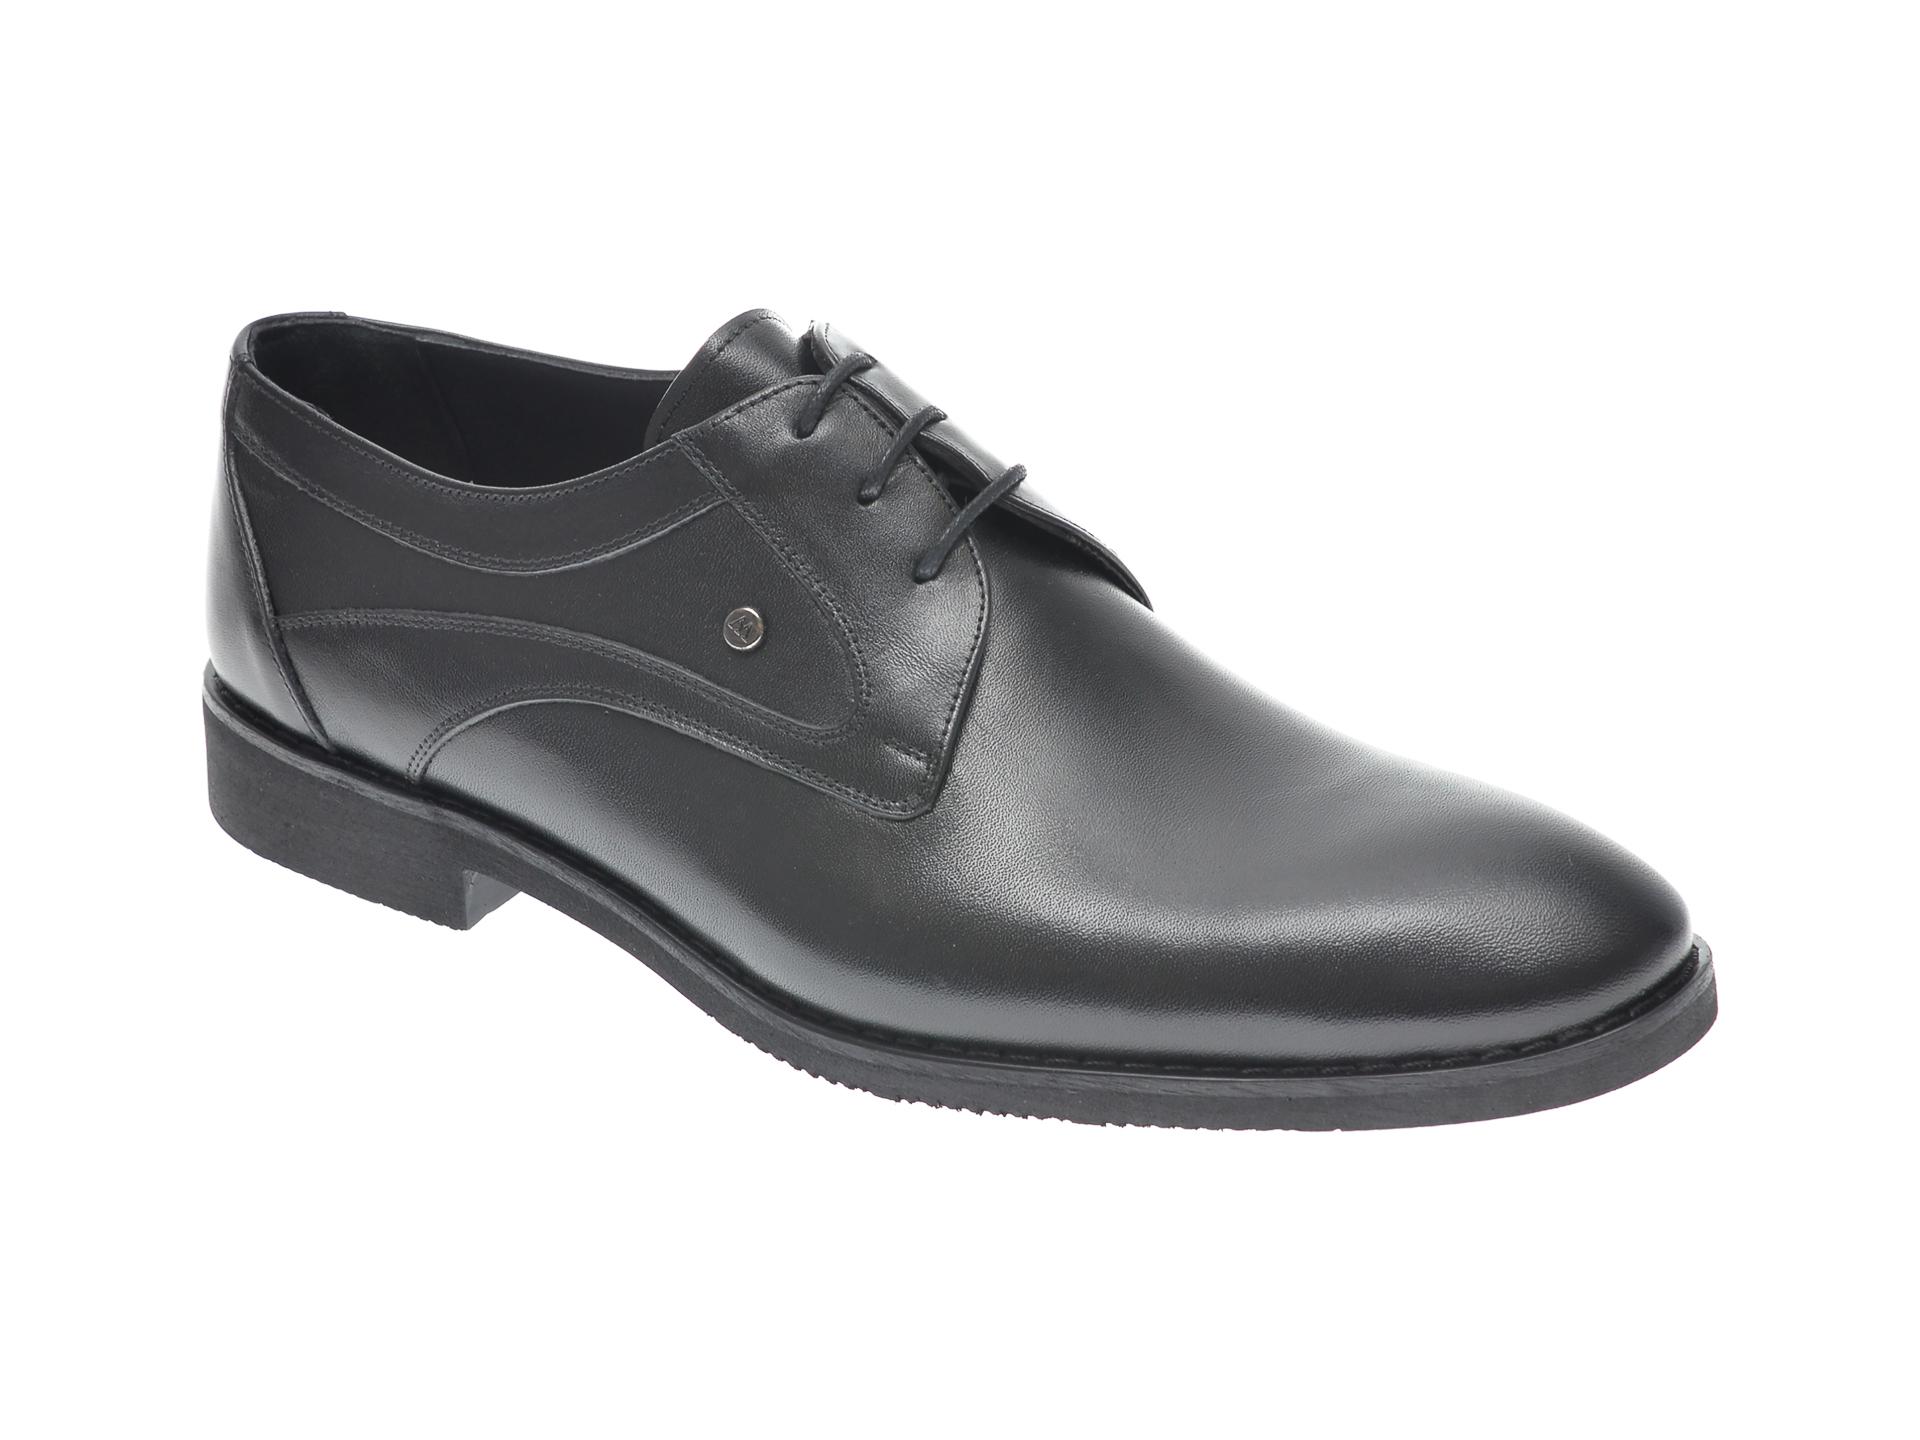 Pantofi OTTER negri, 815, din piele naturala imagine otter.ro 2021